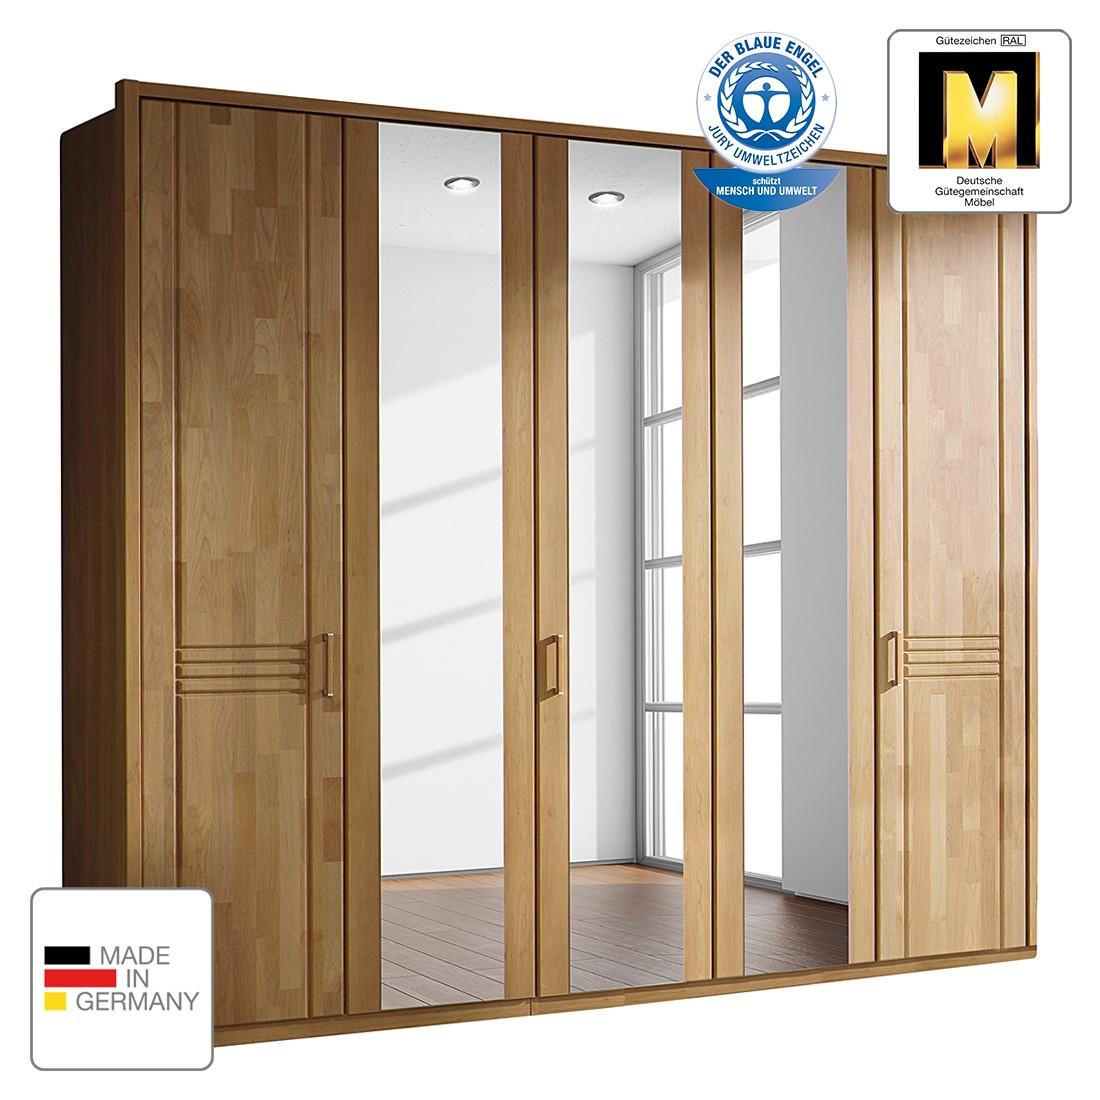 Drehtürenschrank Savina – Wildeiche – 282 cm (6-türig) – 2 Spiegeltüren – Mit Passpartoutrahmen, Rauch Steffen jetzt bestellen